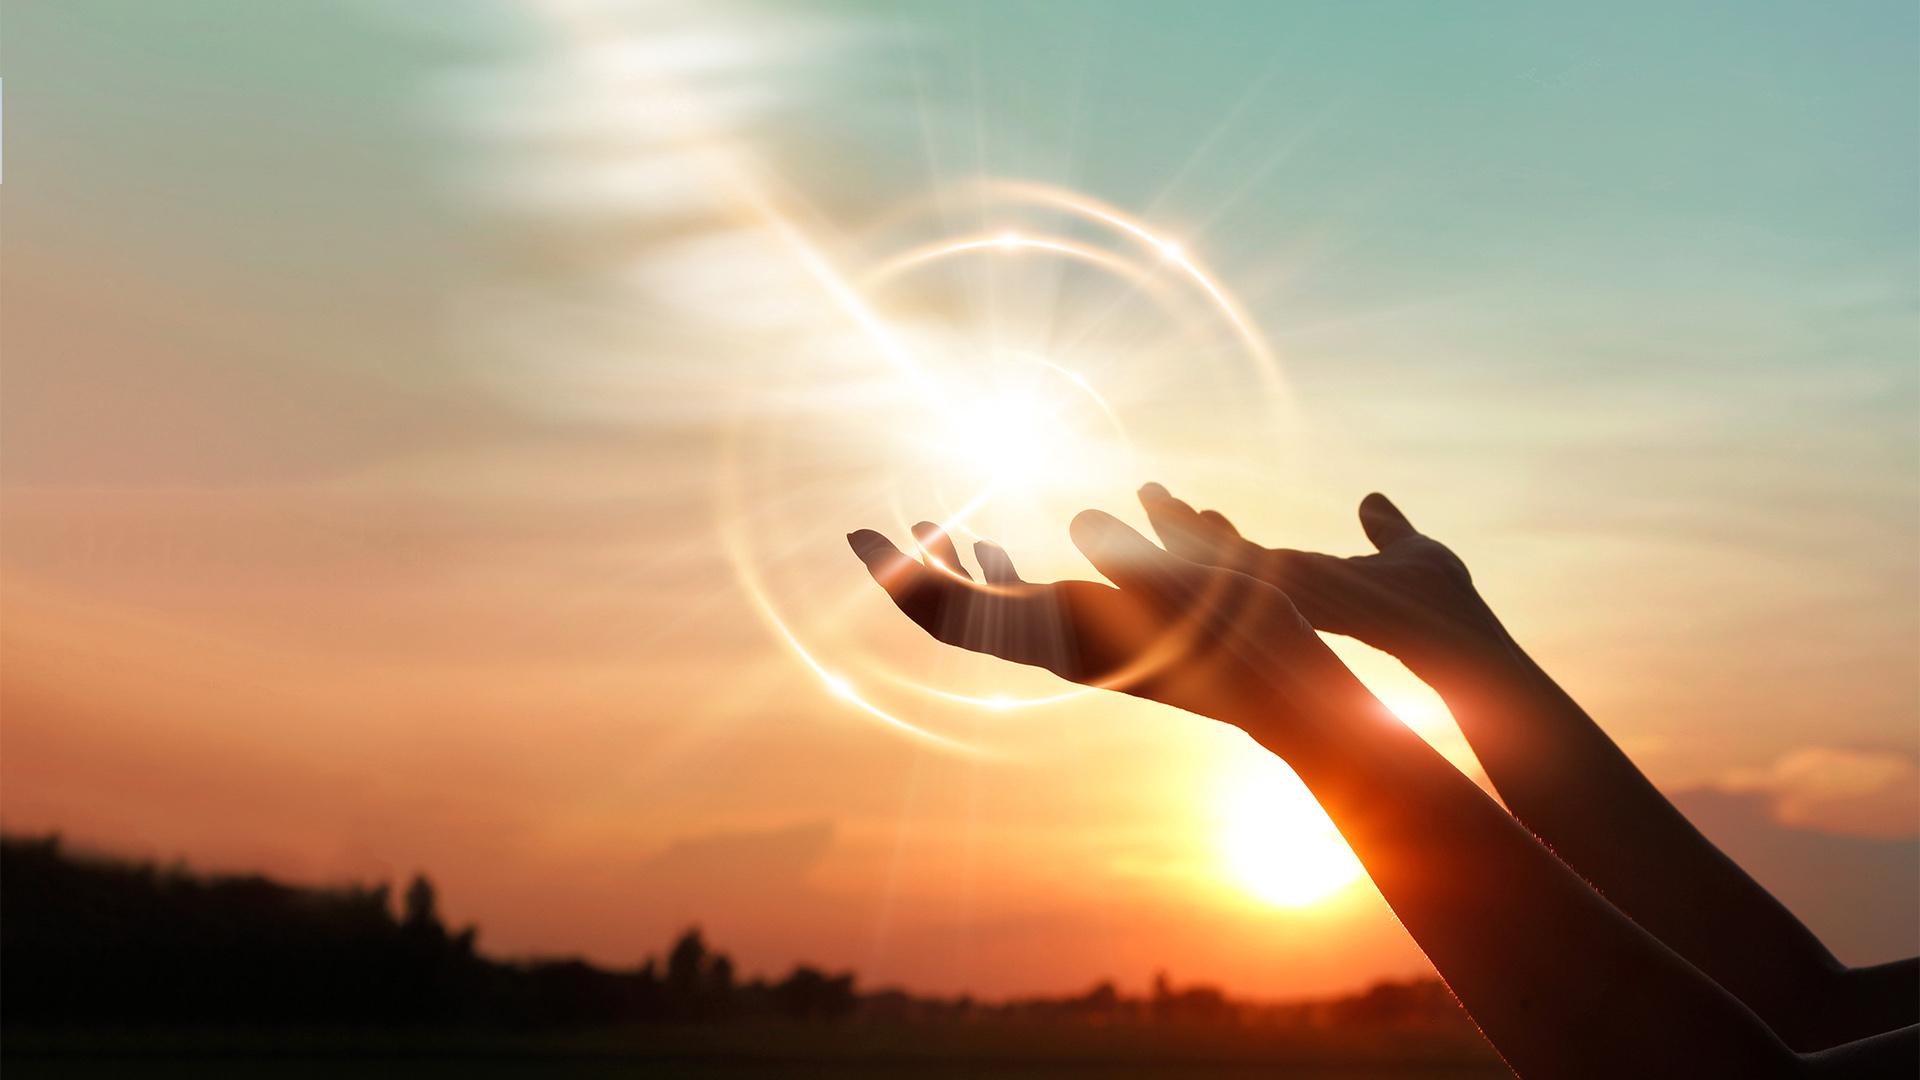 boldogság energia ezotéria mágia meditáció nap napfény termászet ványik dóra varázslatok